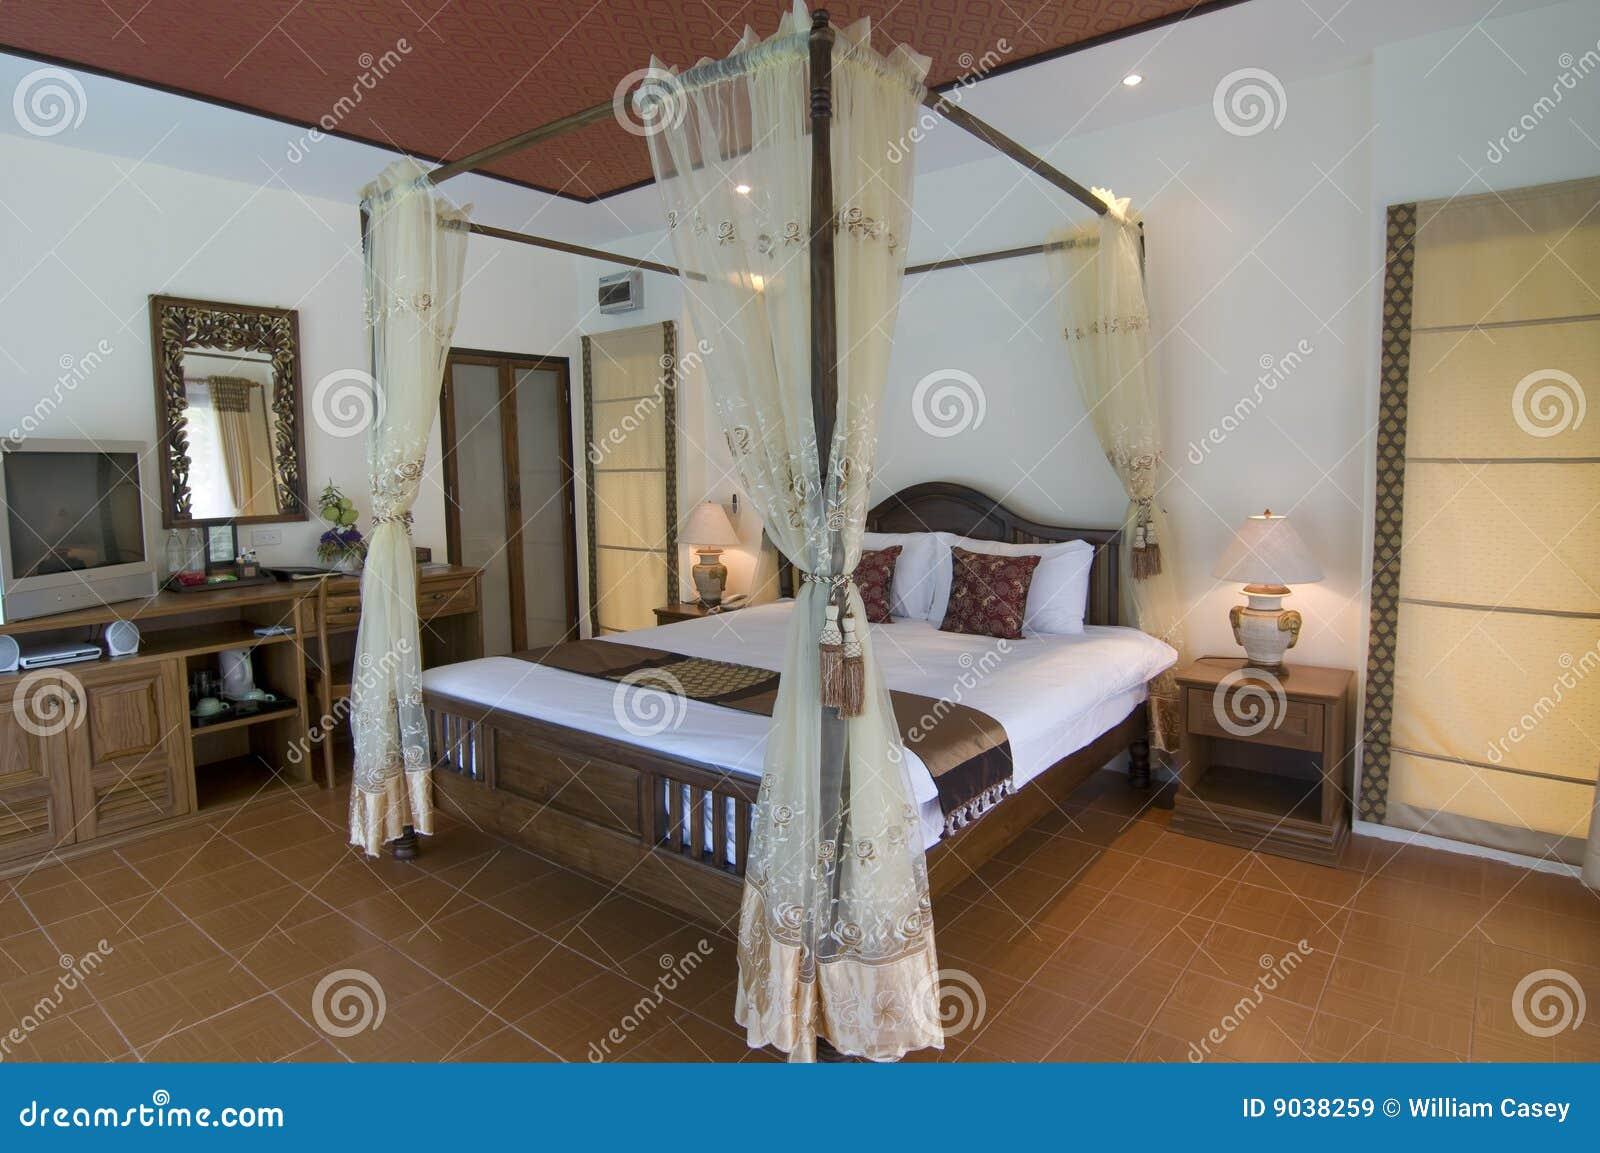 Camera da letto tropicale di stile orientale immagine - Camere da letto stile orientale ...